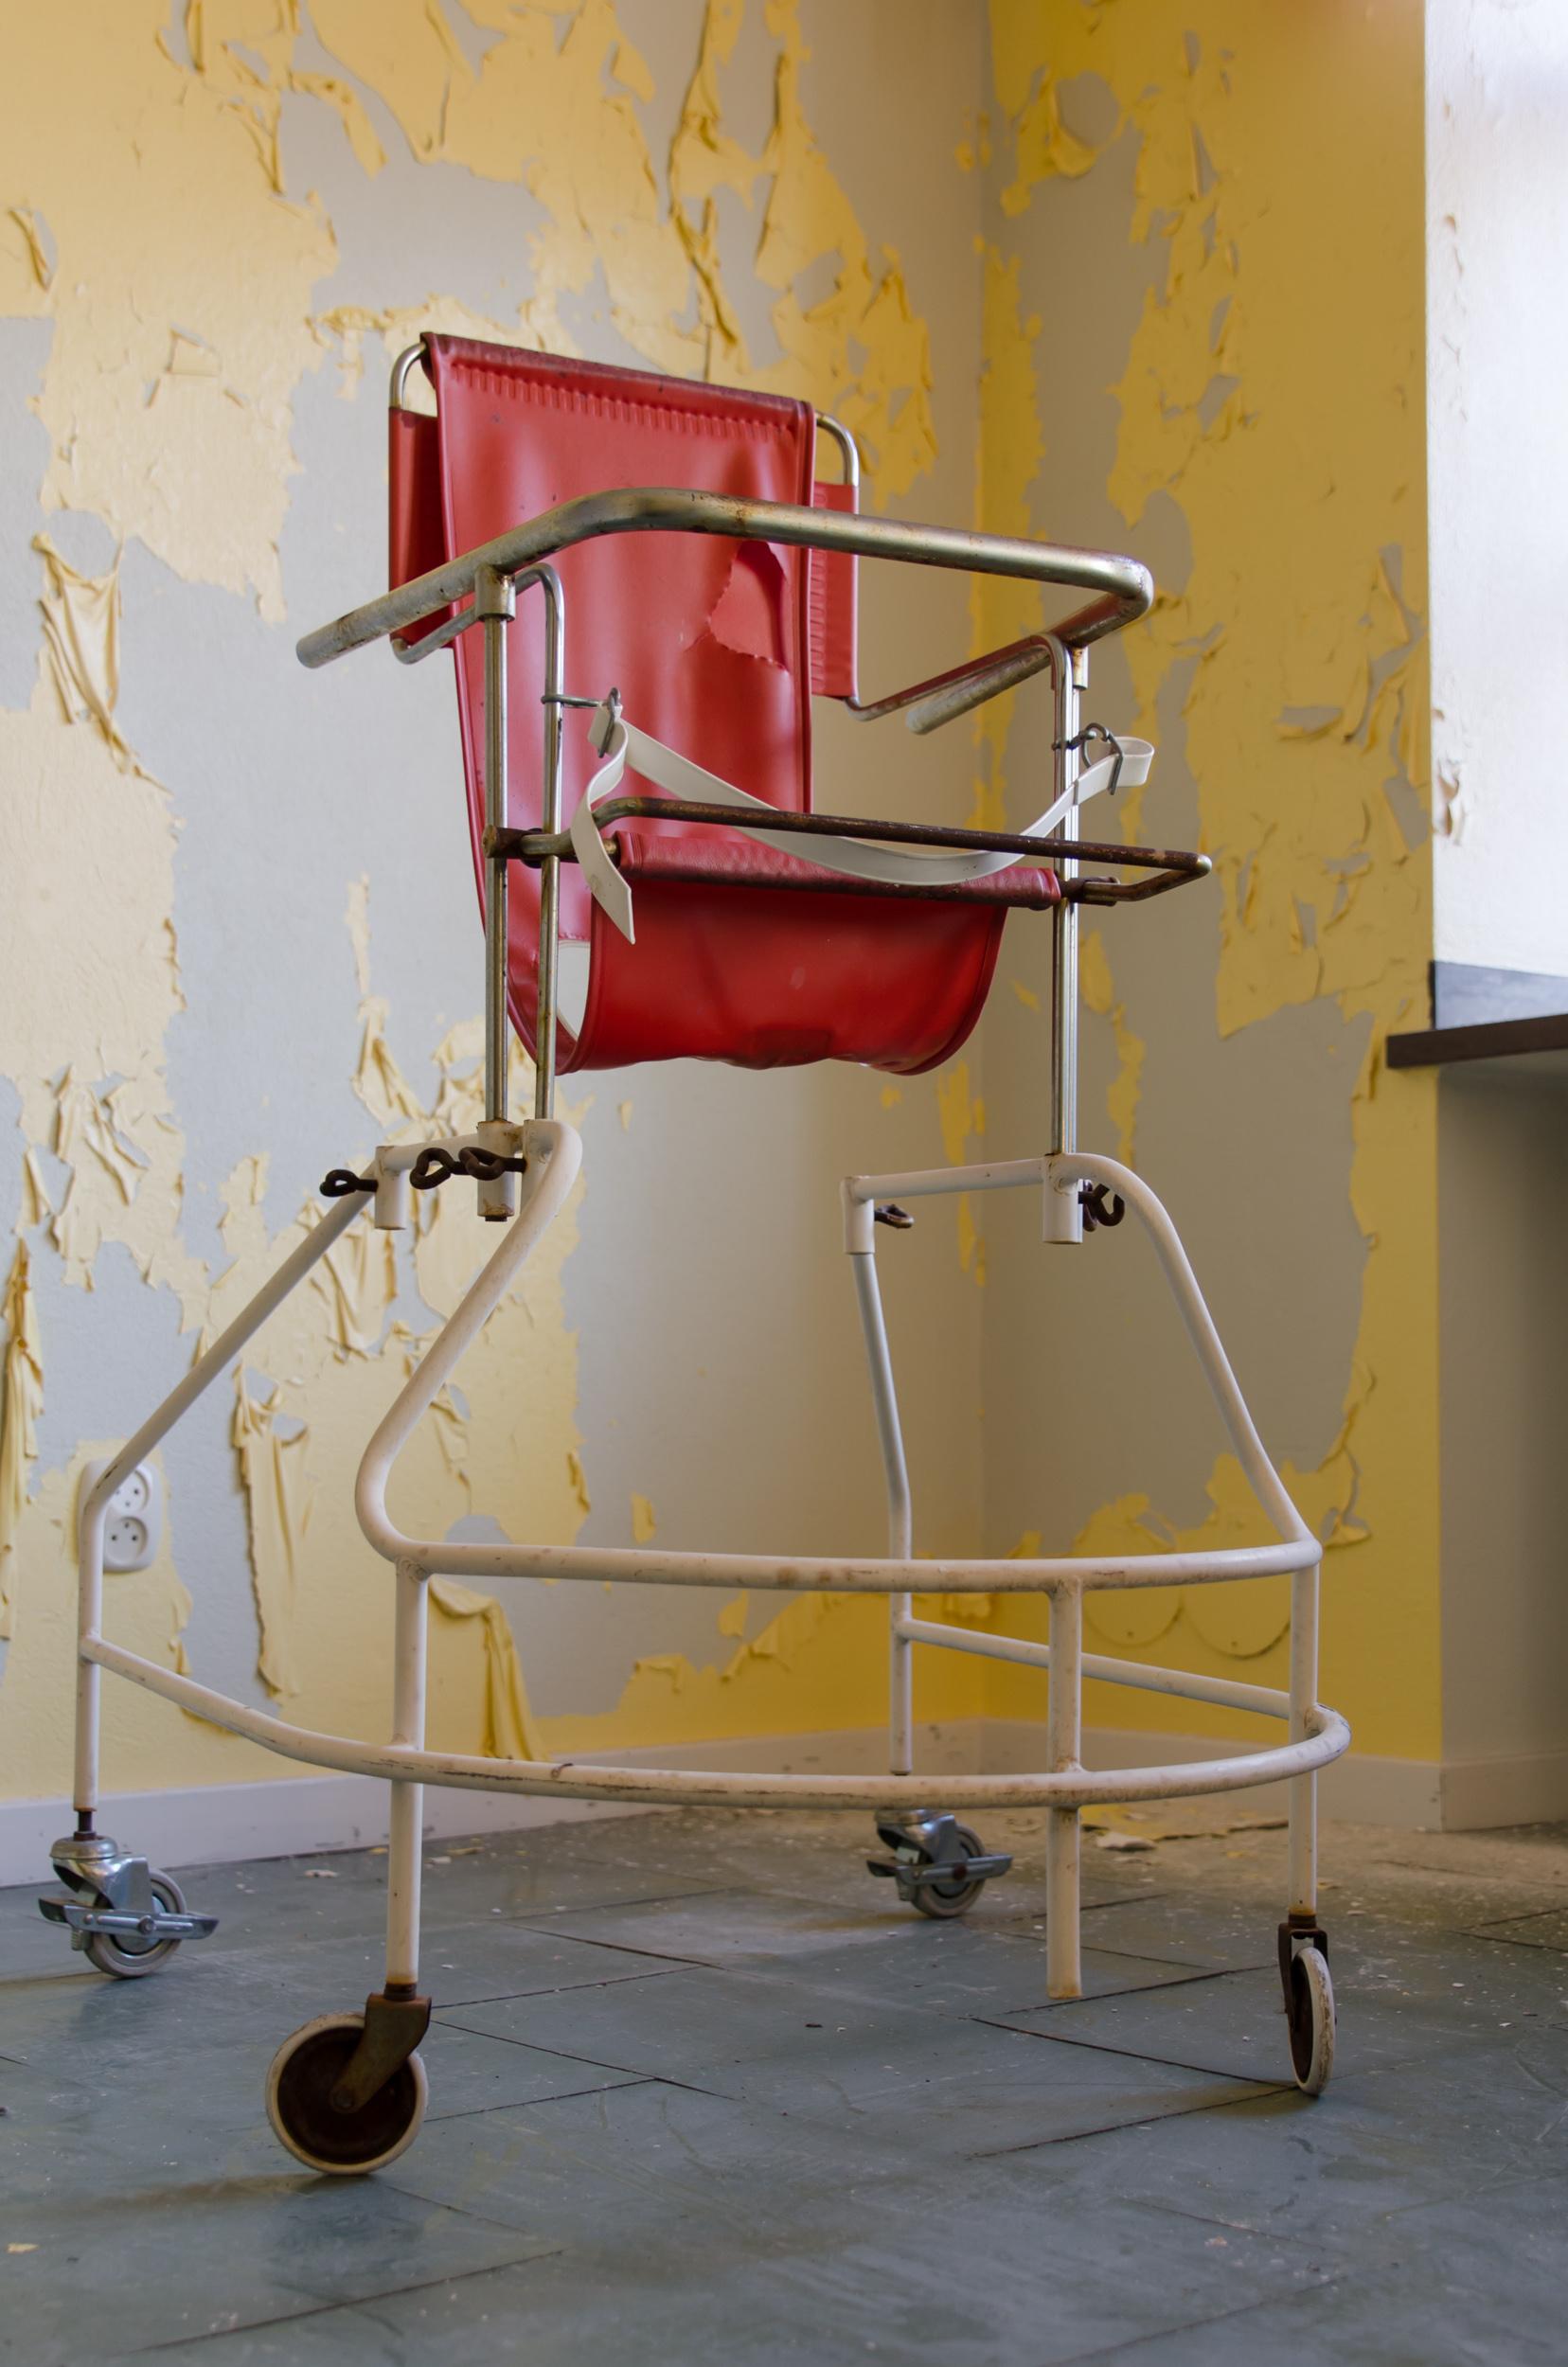 Sandträsk sanatorium. Creepy...